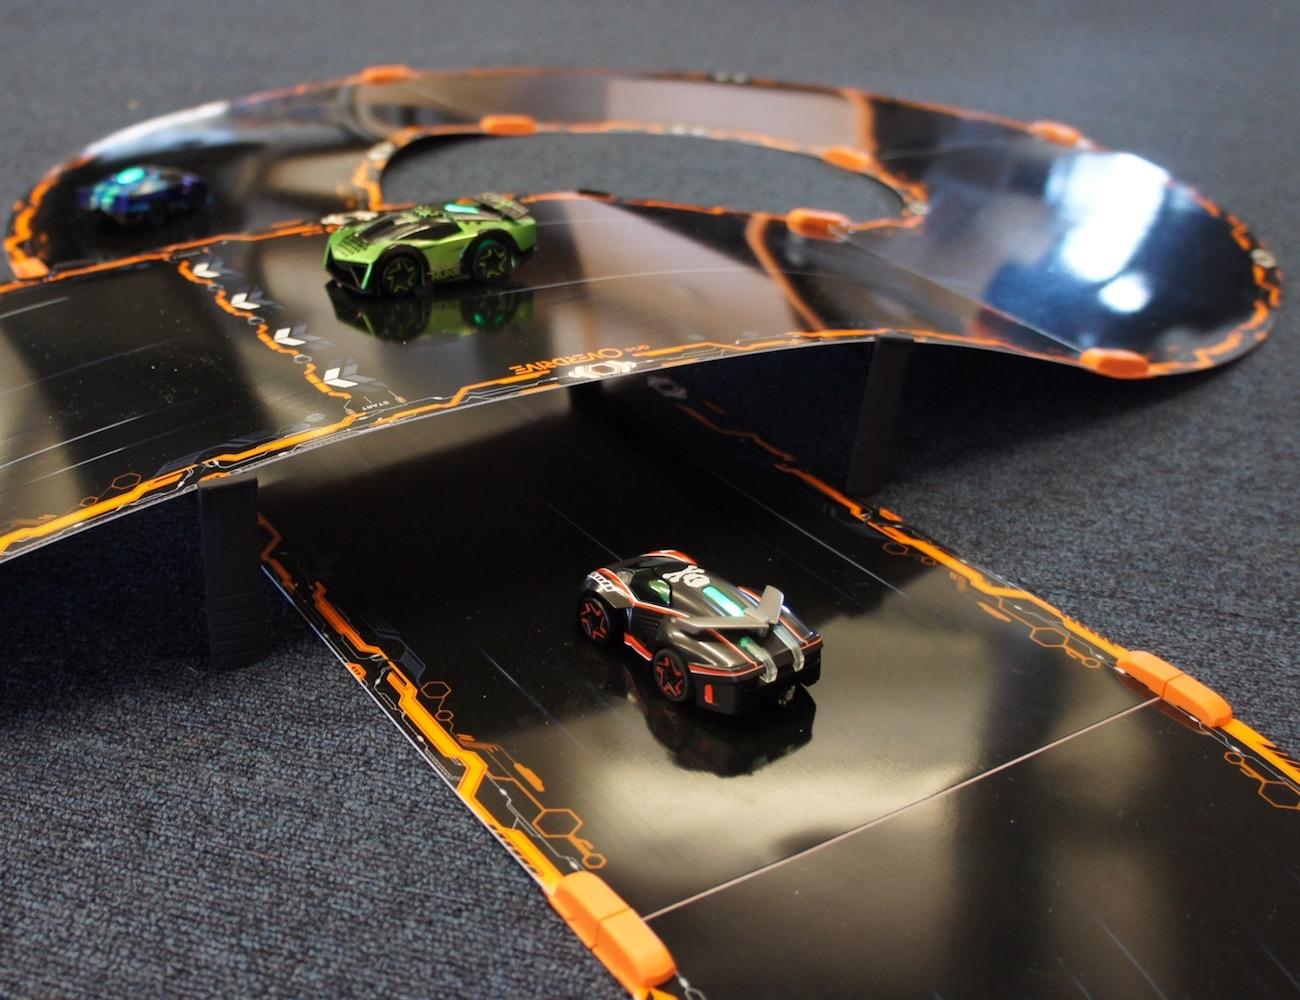 anki-overdrive-racetrack-starter-kit-06